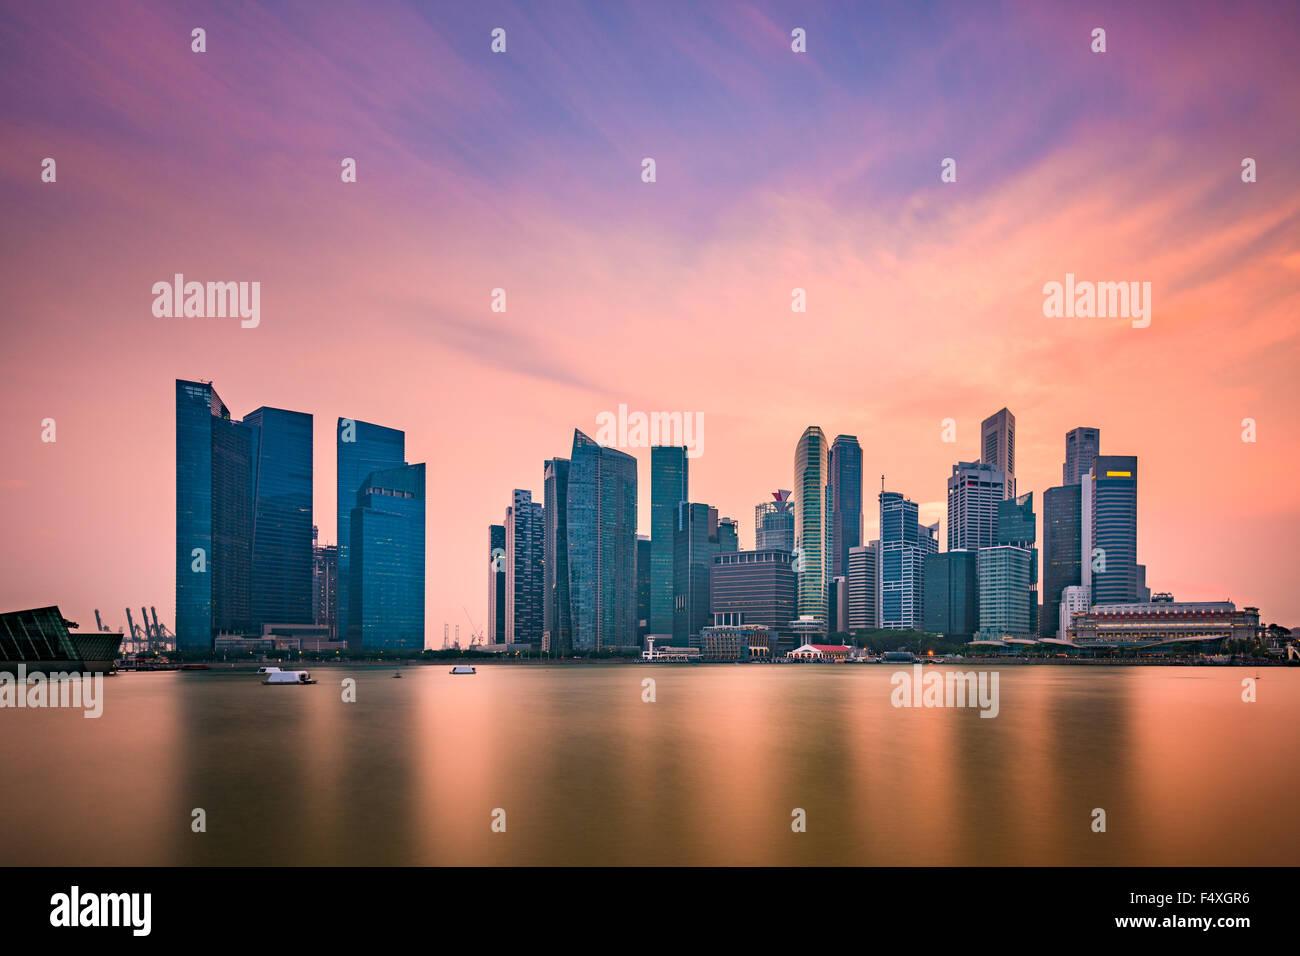 Singapore skyline at Marina Bay. - Stock Image